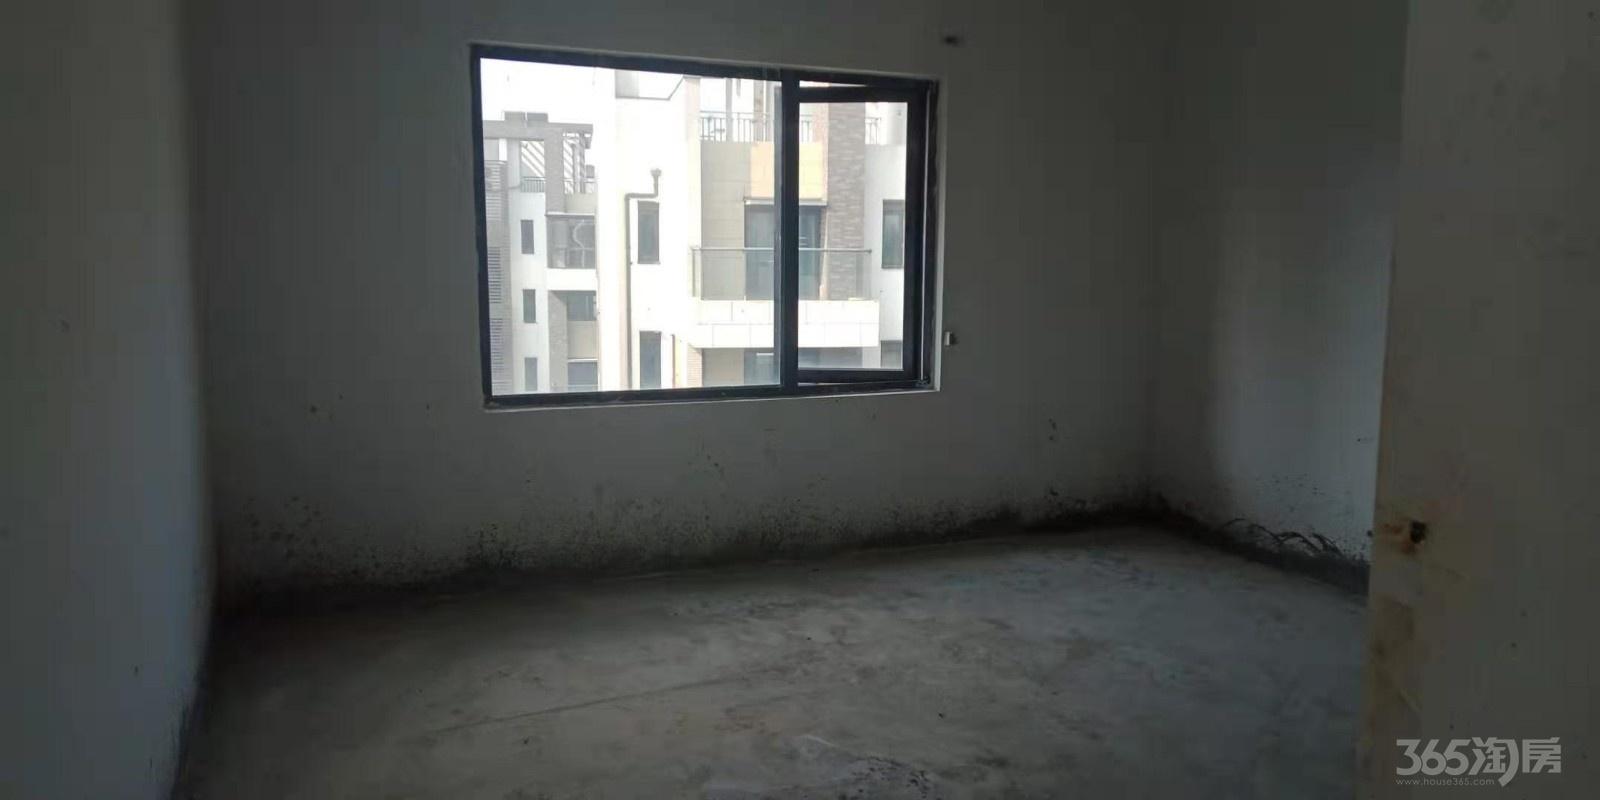 江宁区百家湖瑞安翠湖山4室3厅户型图